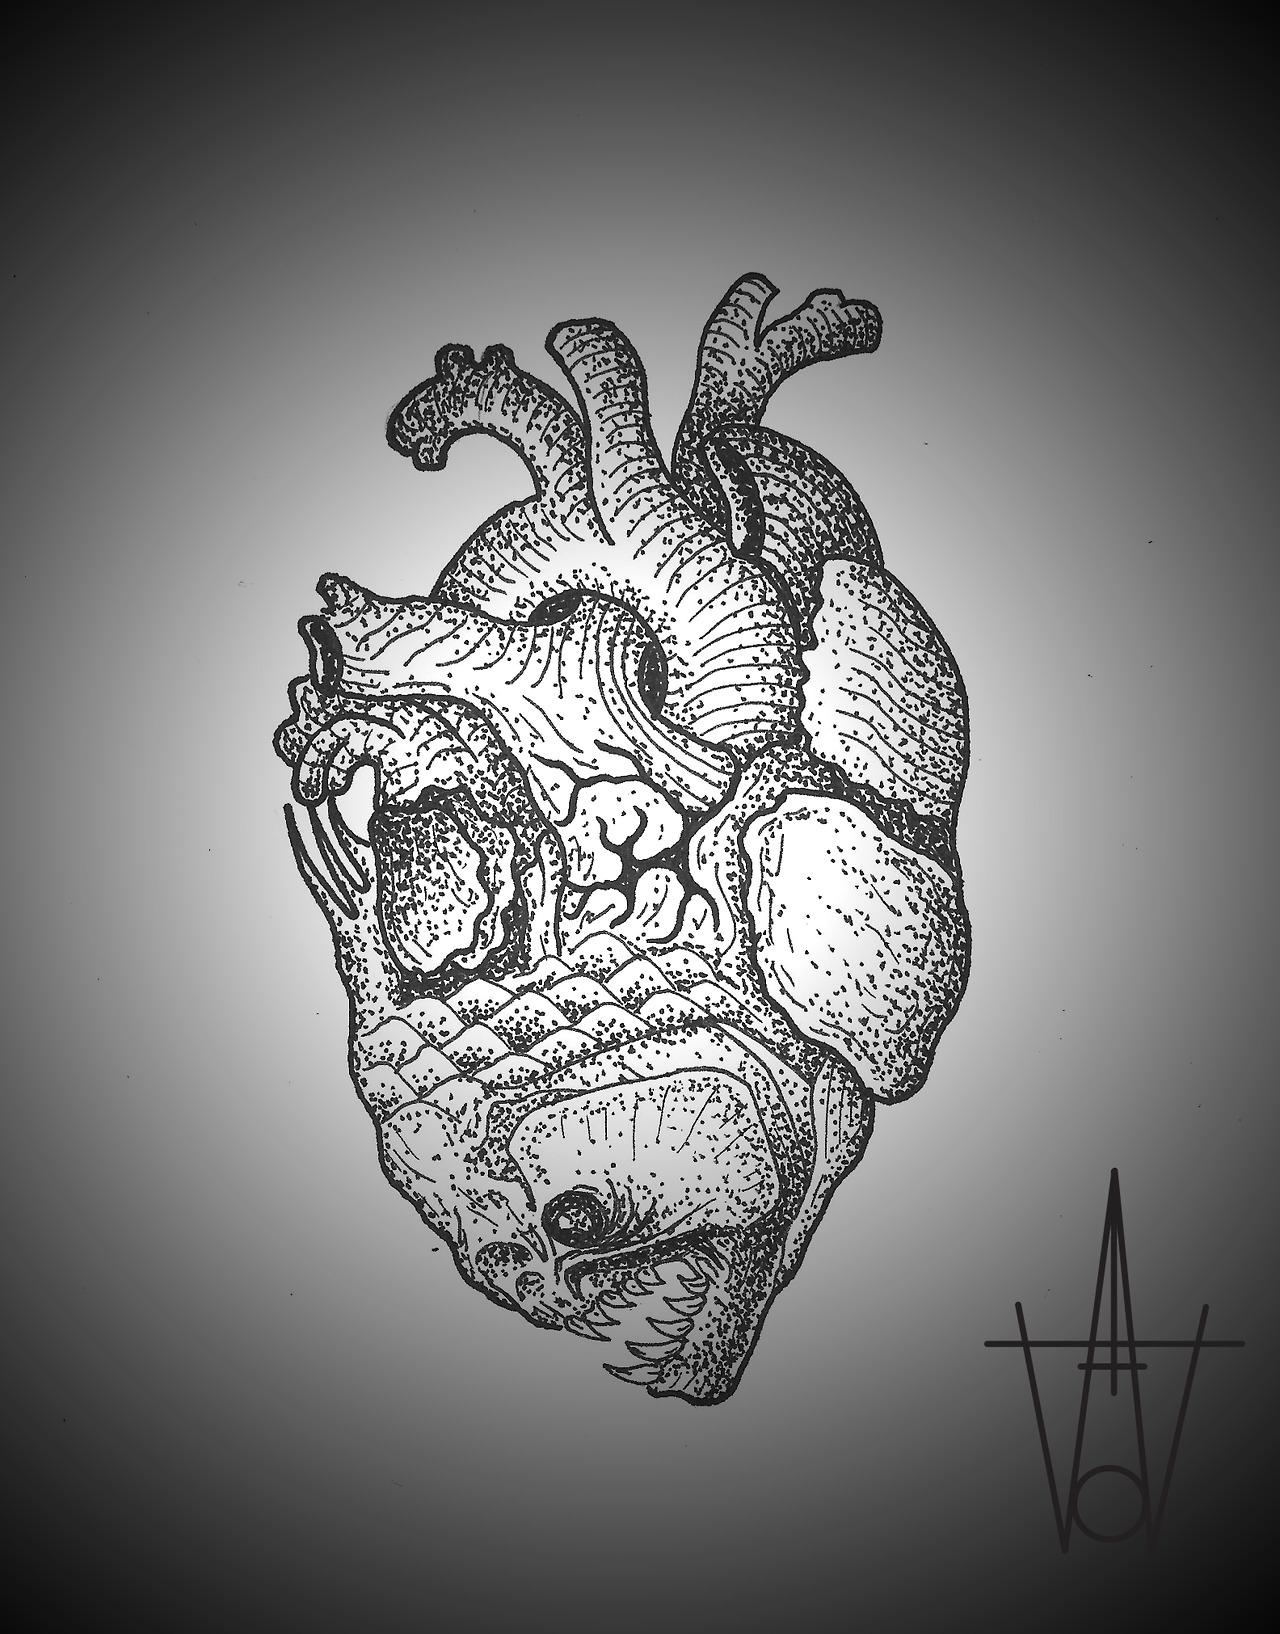 Heart Fish tattoo sketch